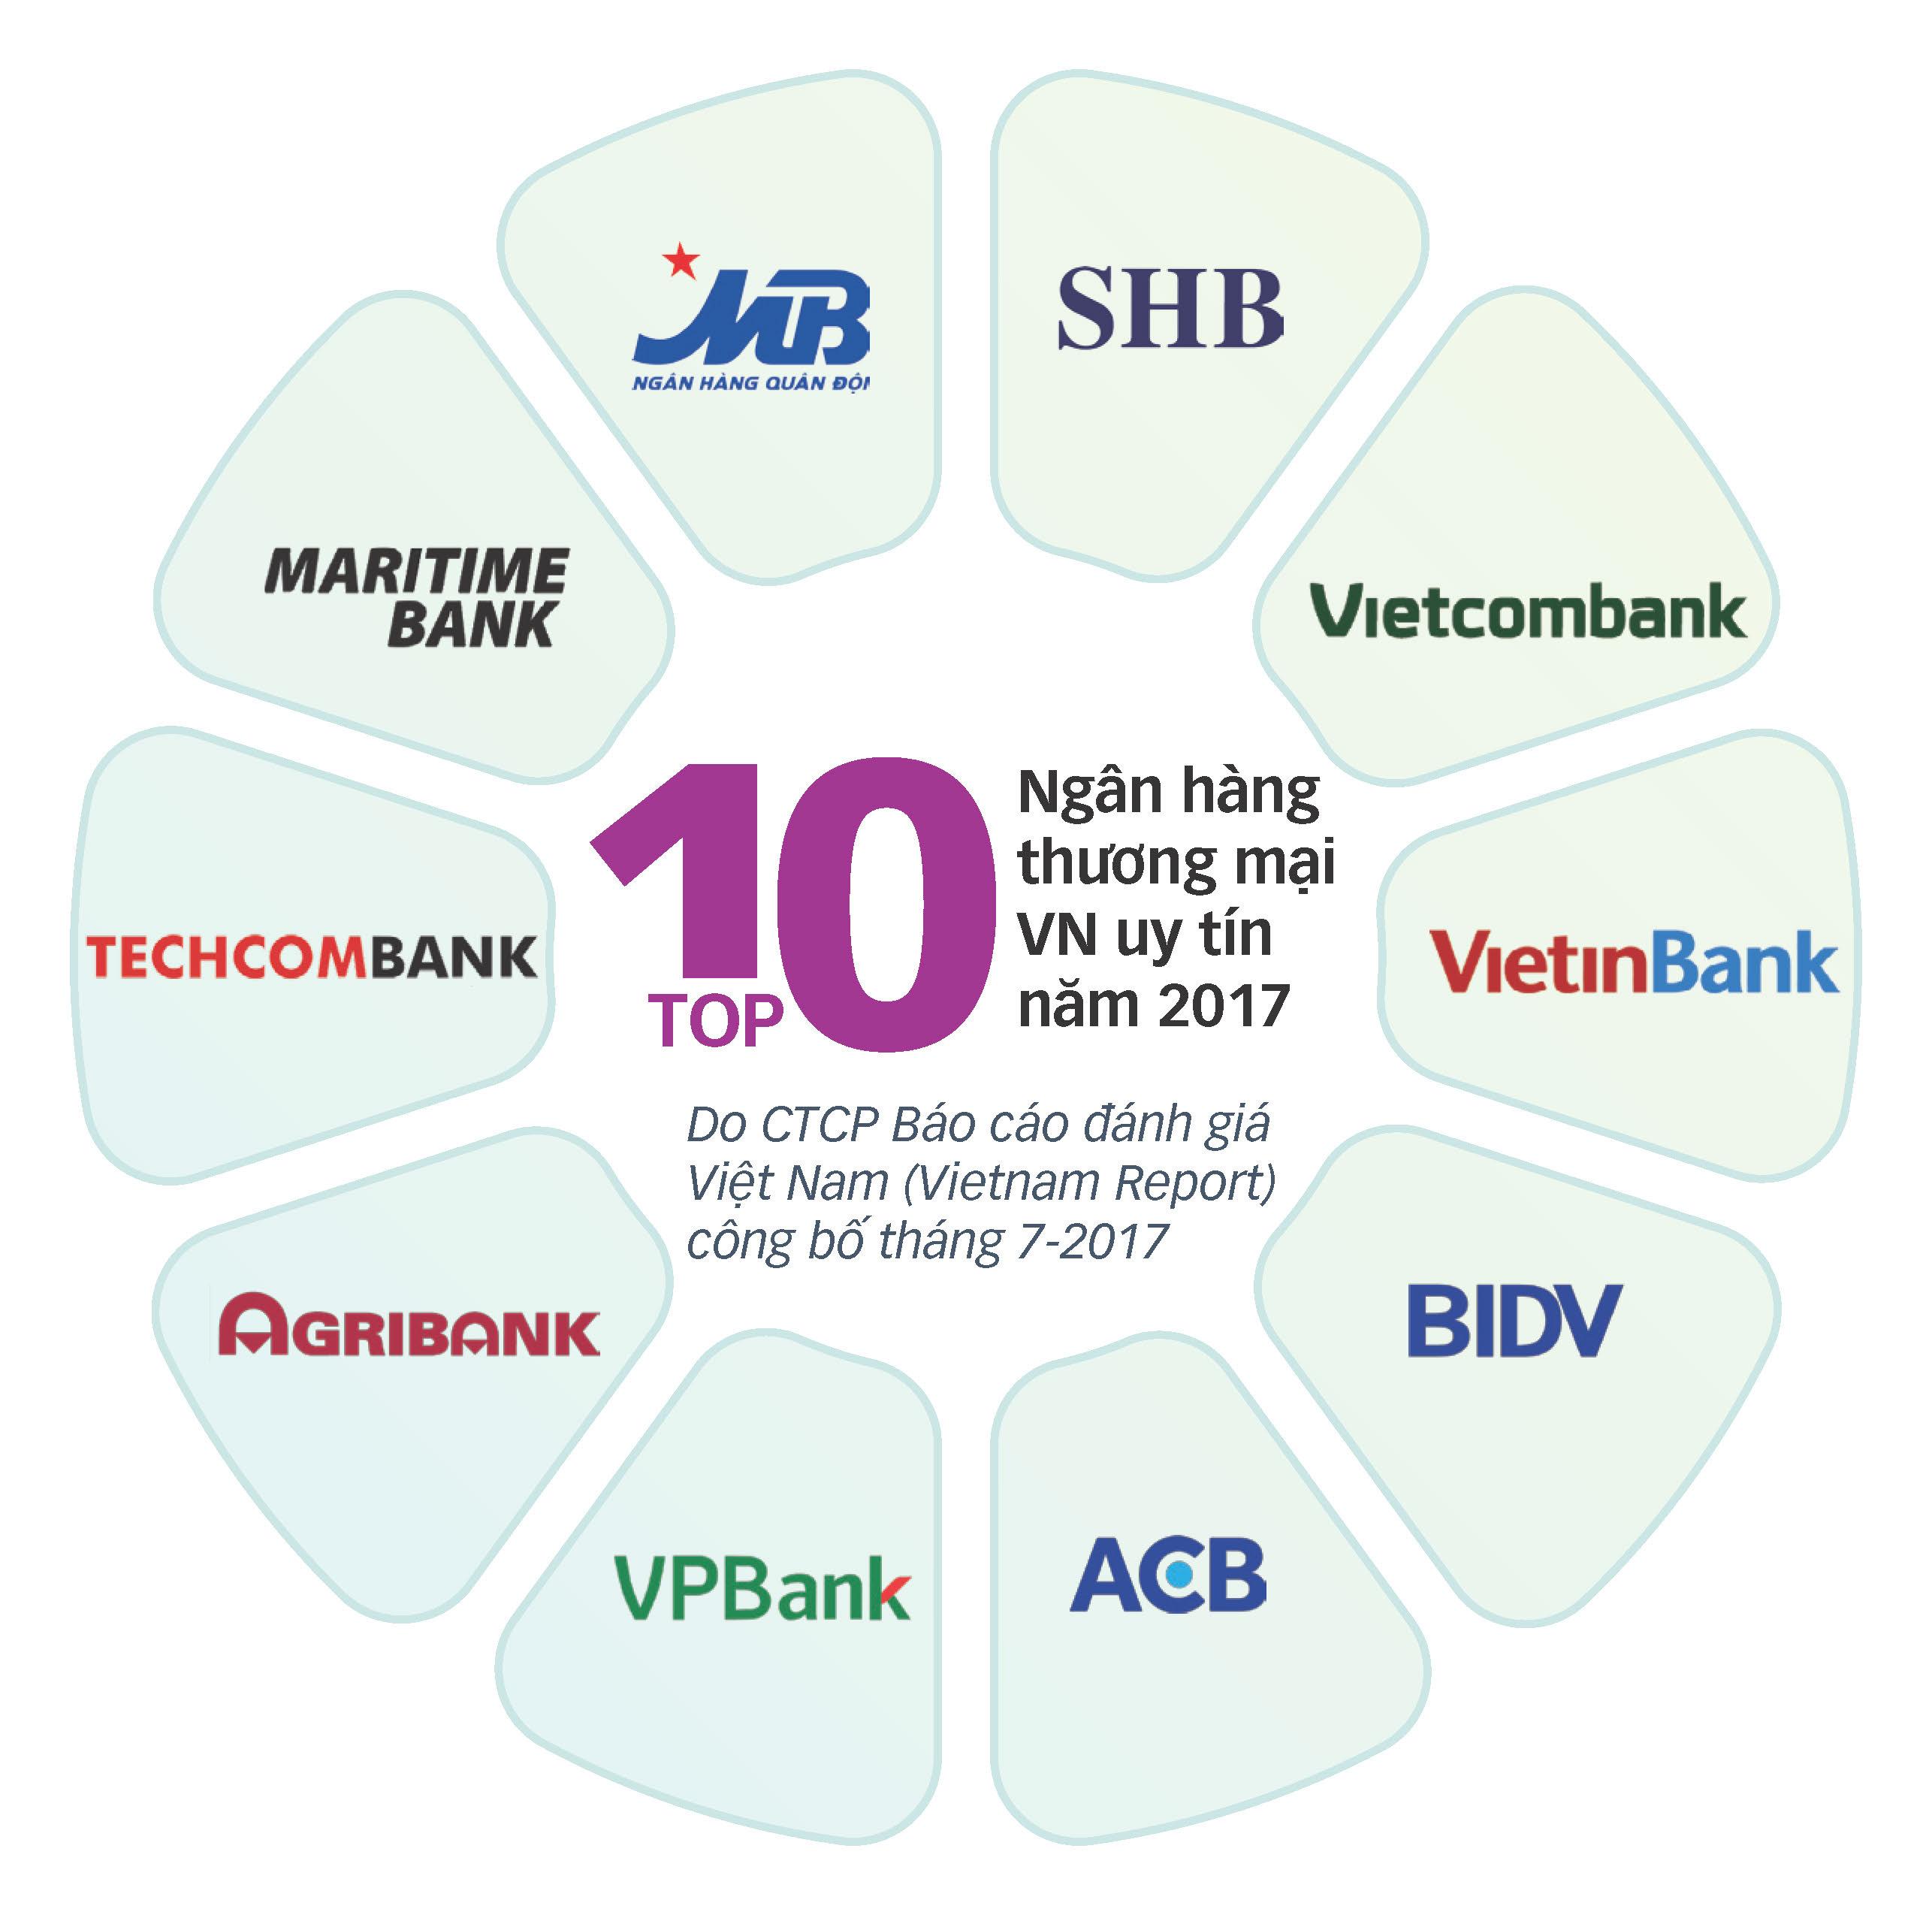 Không công khai thì xếp hạng ngân hàng để làm gì? - Ảnh 4.